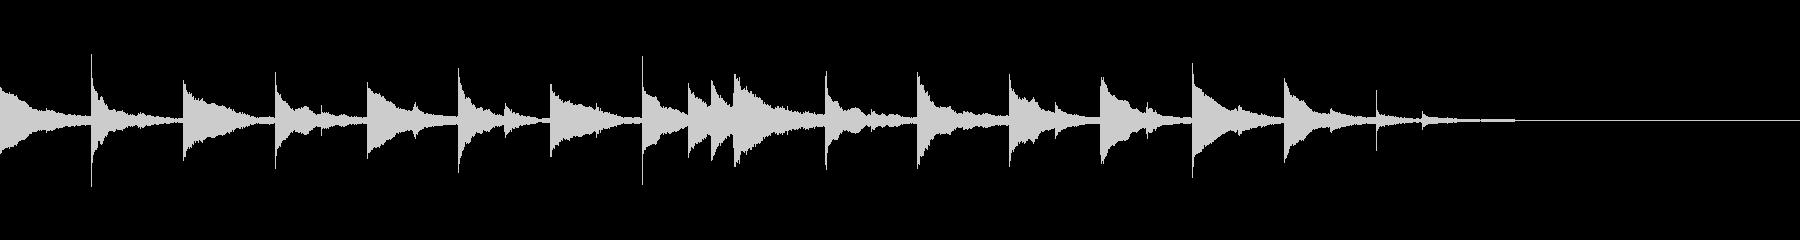 怖い話・怪談系ホラージングル2の未再生の波形